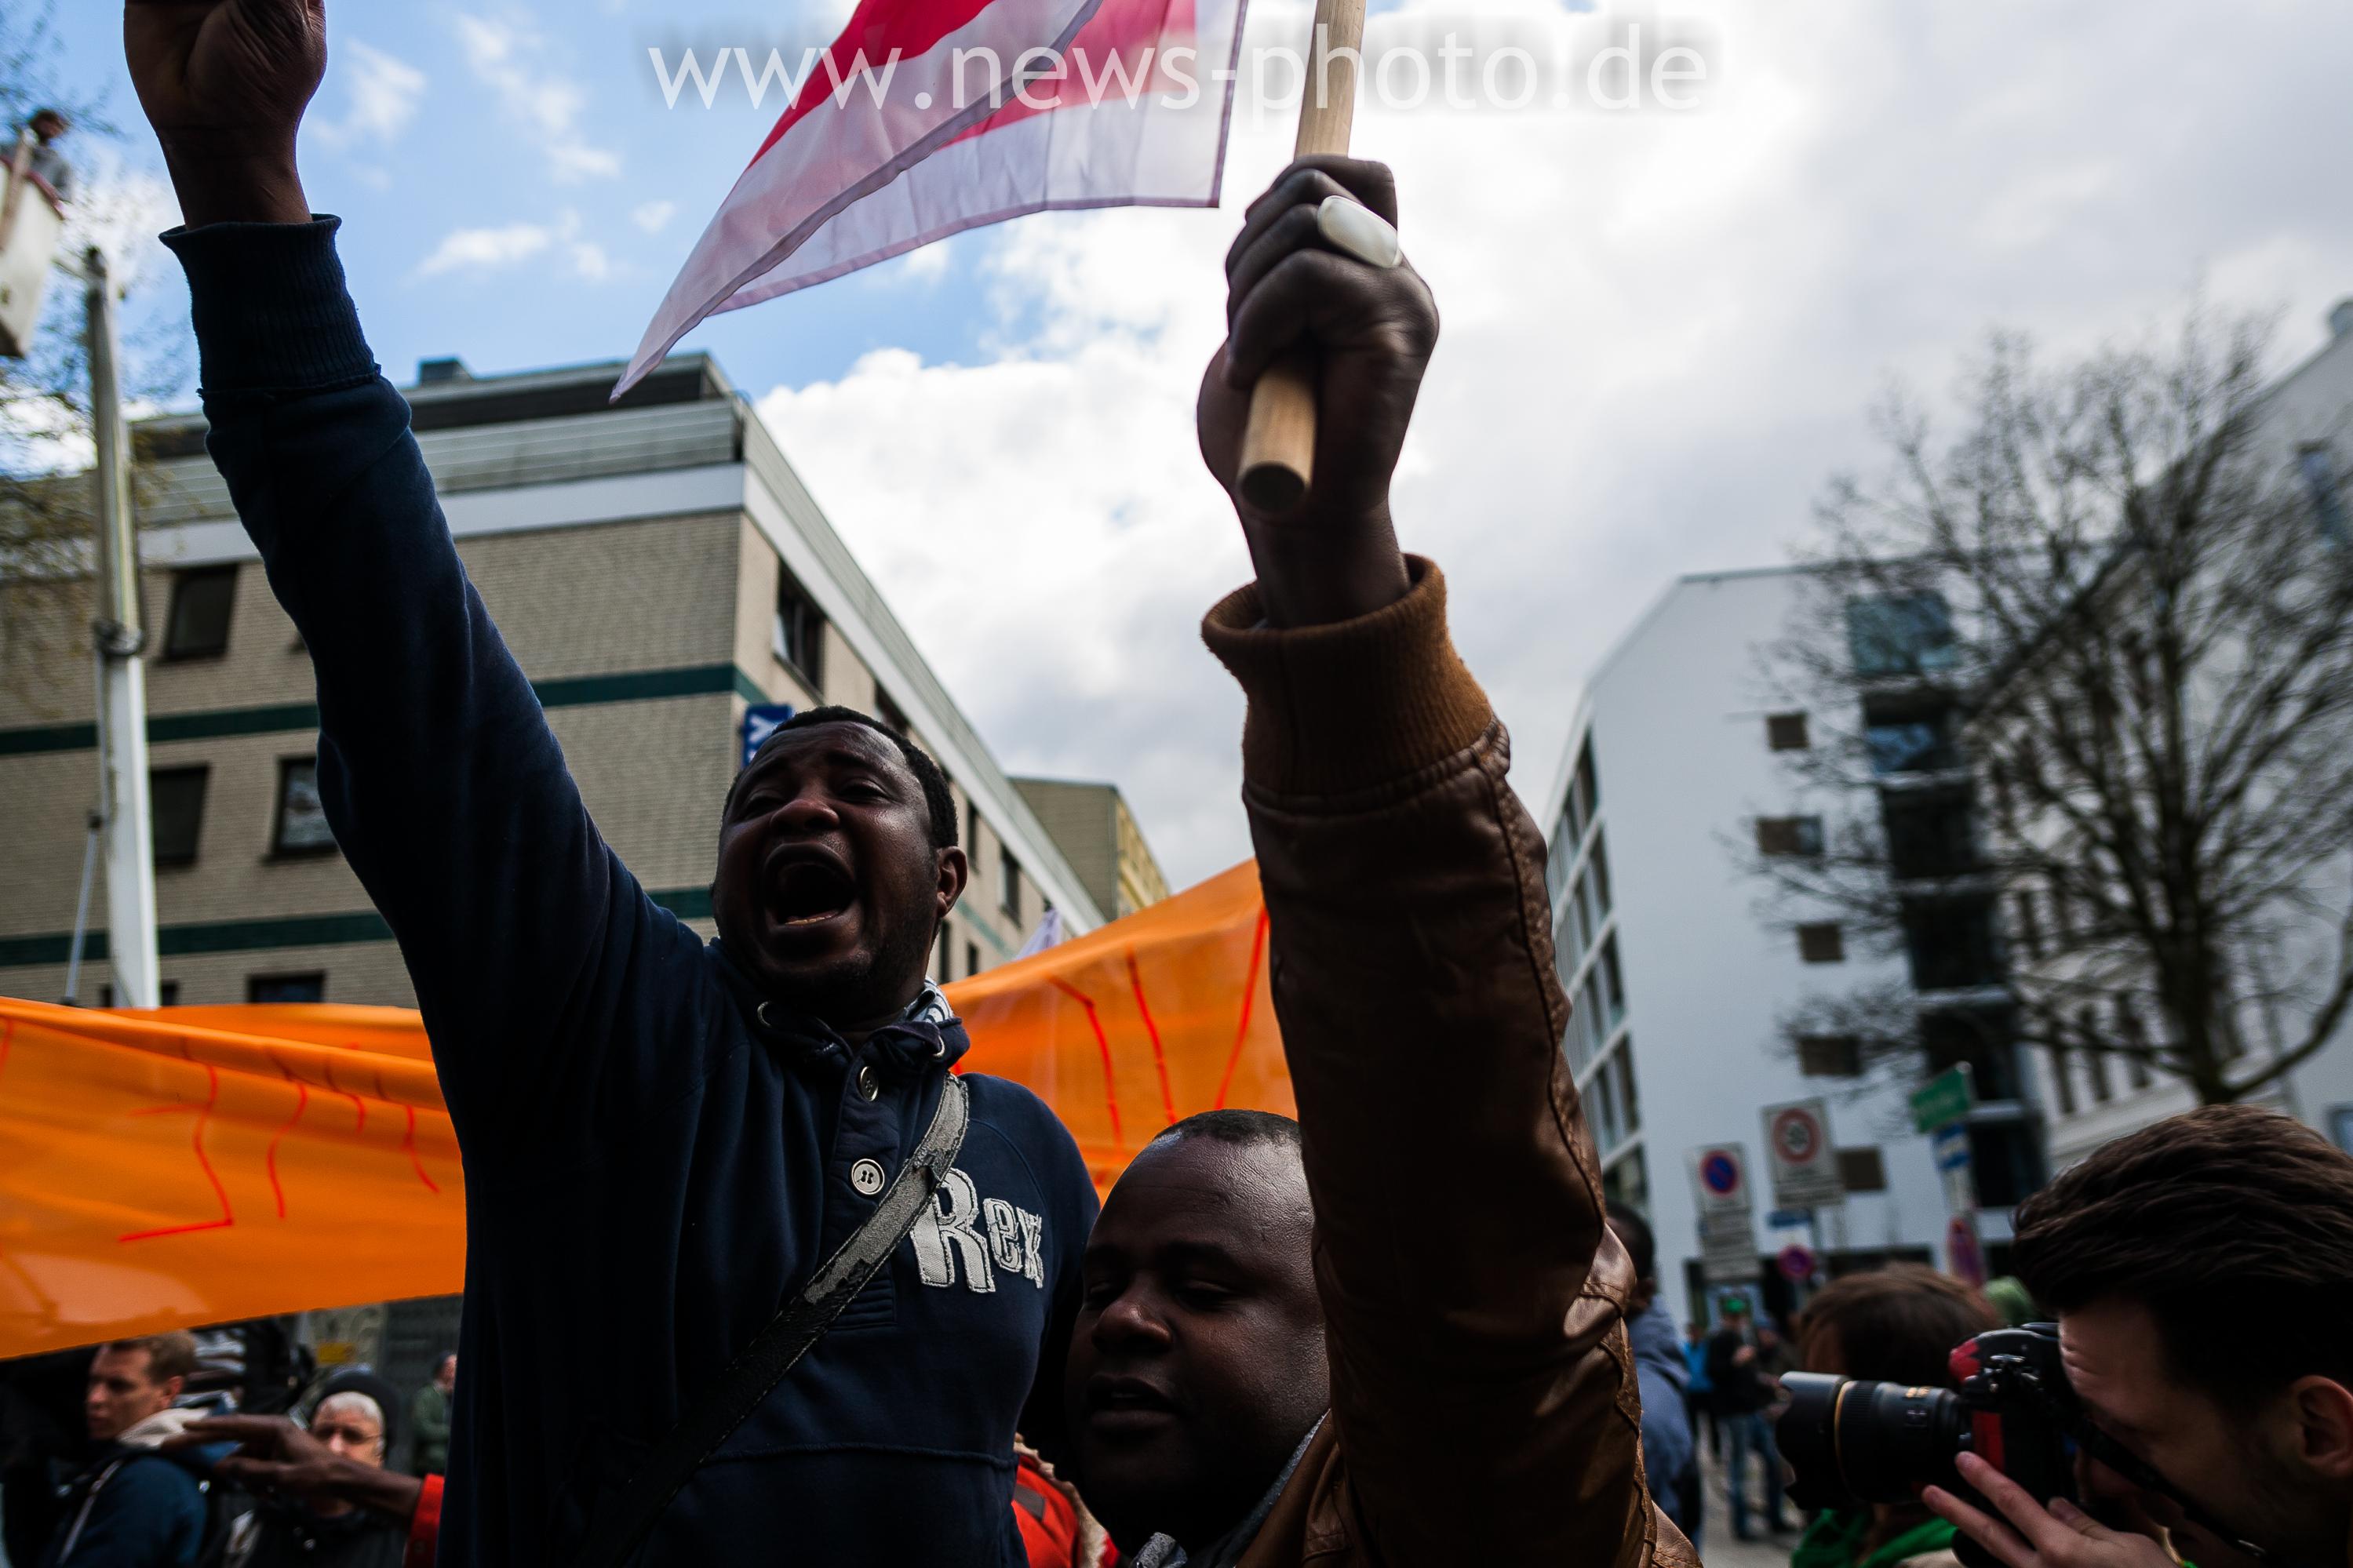 Demonstranten auf der Never mind the Papers Demo zum 1. Mai in Hamburg